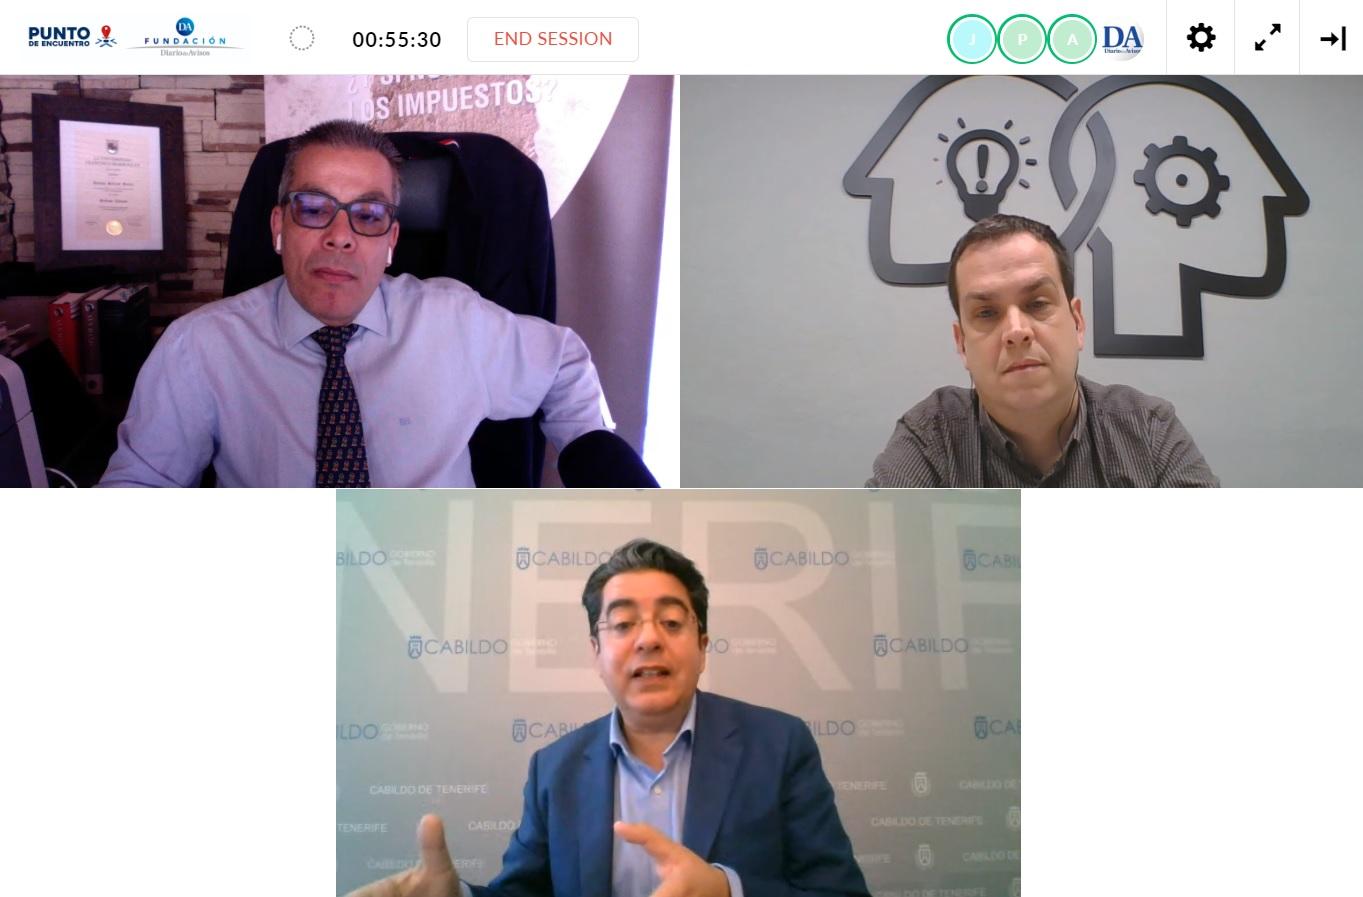 El periodista Antonio Salazar; el presidente del Cabildo insular, Pedro Martín, y el director de contenidos de DIARIO DE AVISOS.com, José Antonio Felipe. DA